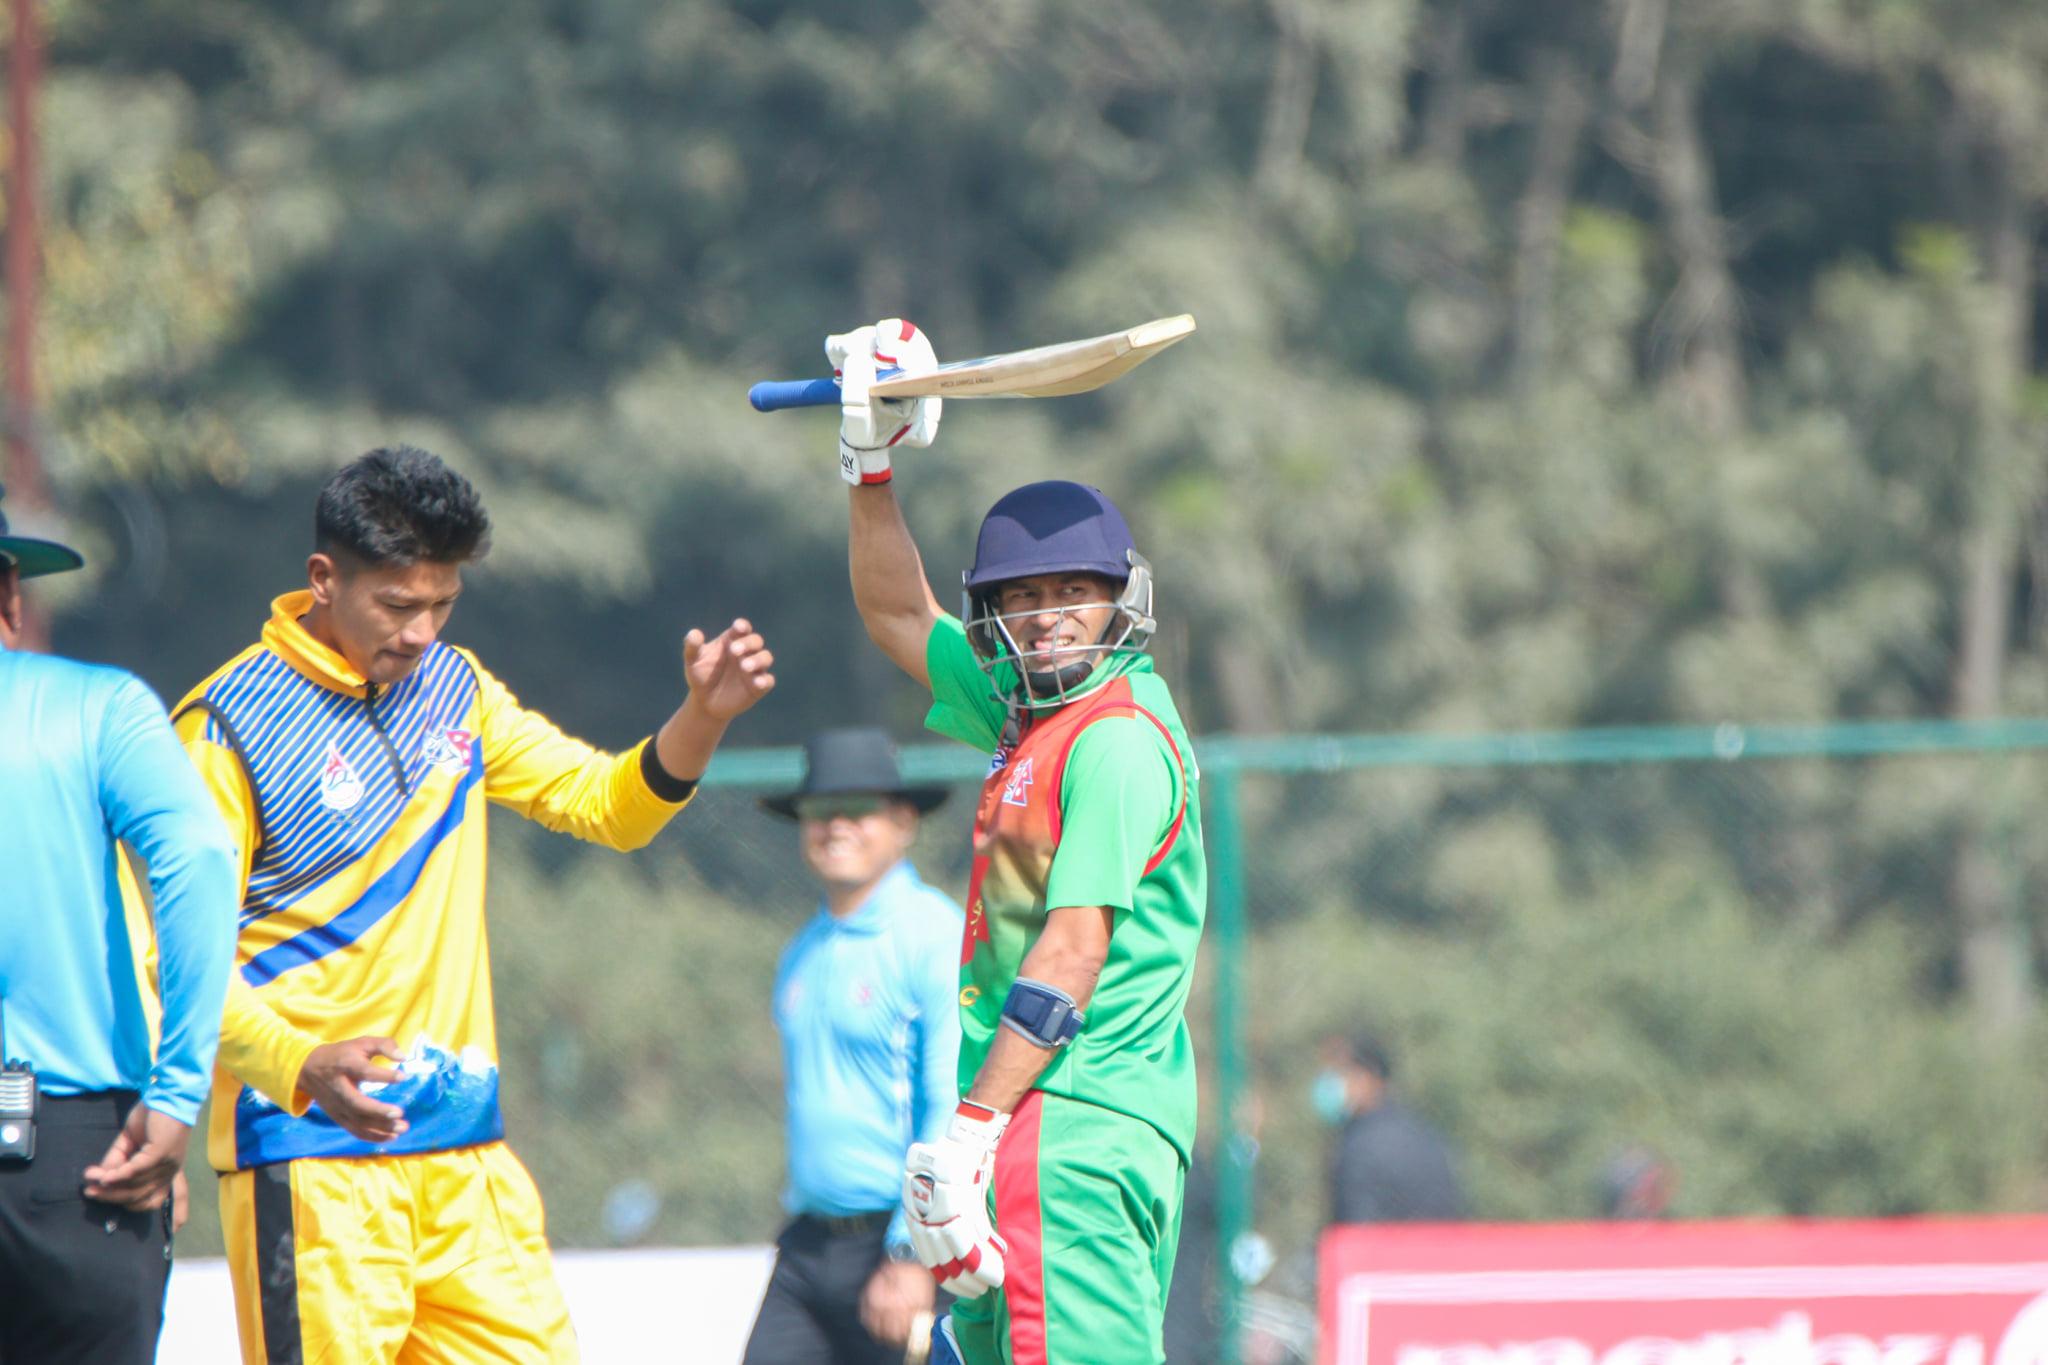 चौथो संस्करणको प्रधानमन्त्री कप राष्ट्रिय एकदिवसिय क्रिकेट प्रतियोगिता पहिलो खेलमा गण्डकीविरुद्ध शतक प्रहार गरेका आर्मीका कप्तान विनोद भण्डारी। तस्बिरः क्यान